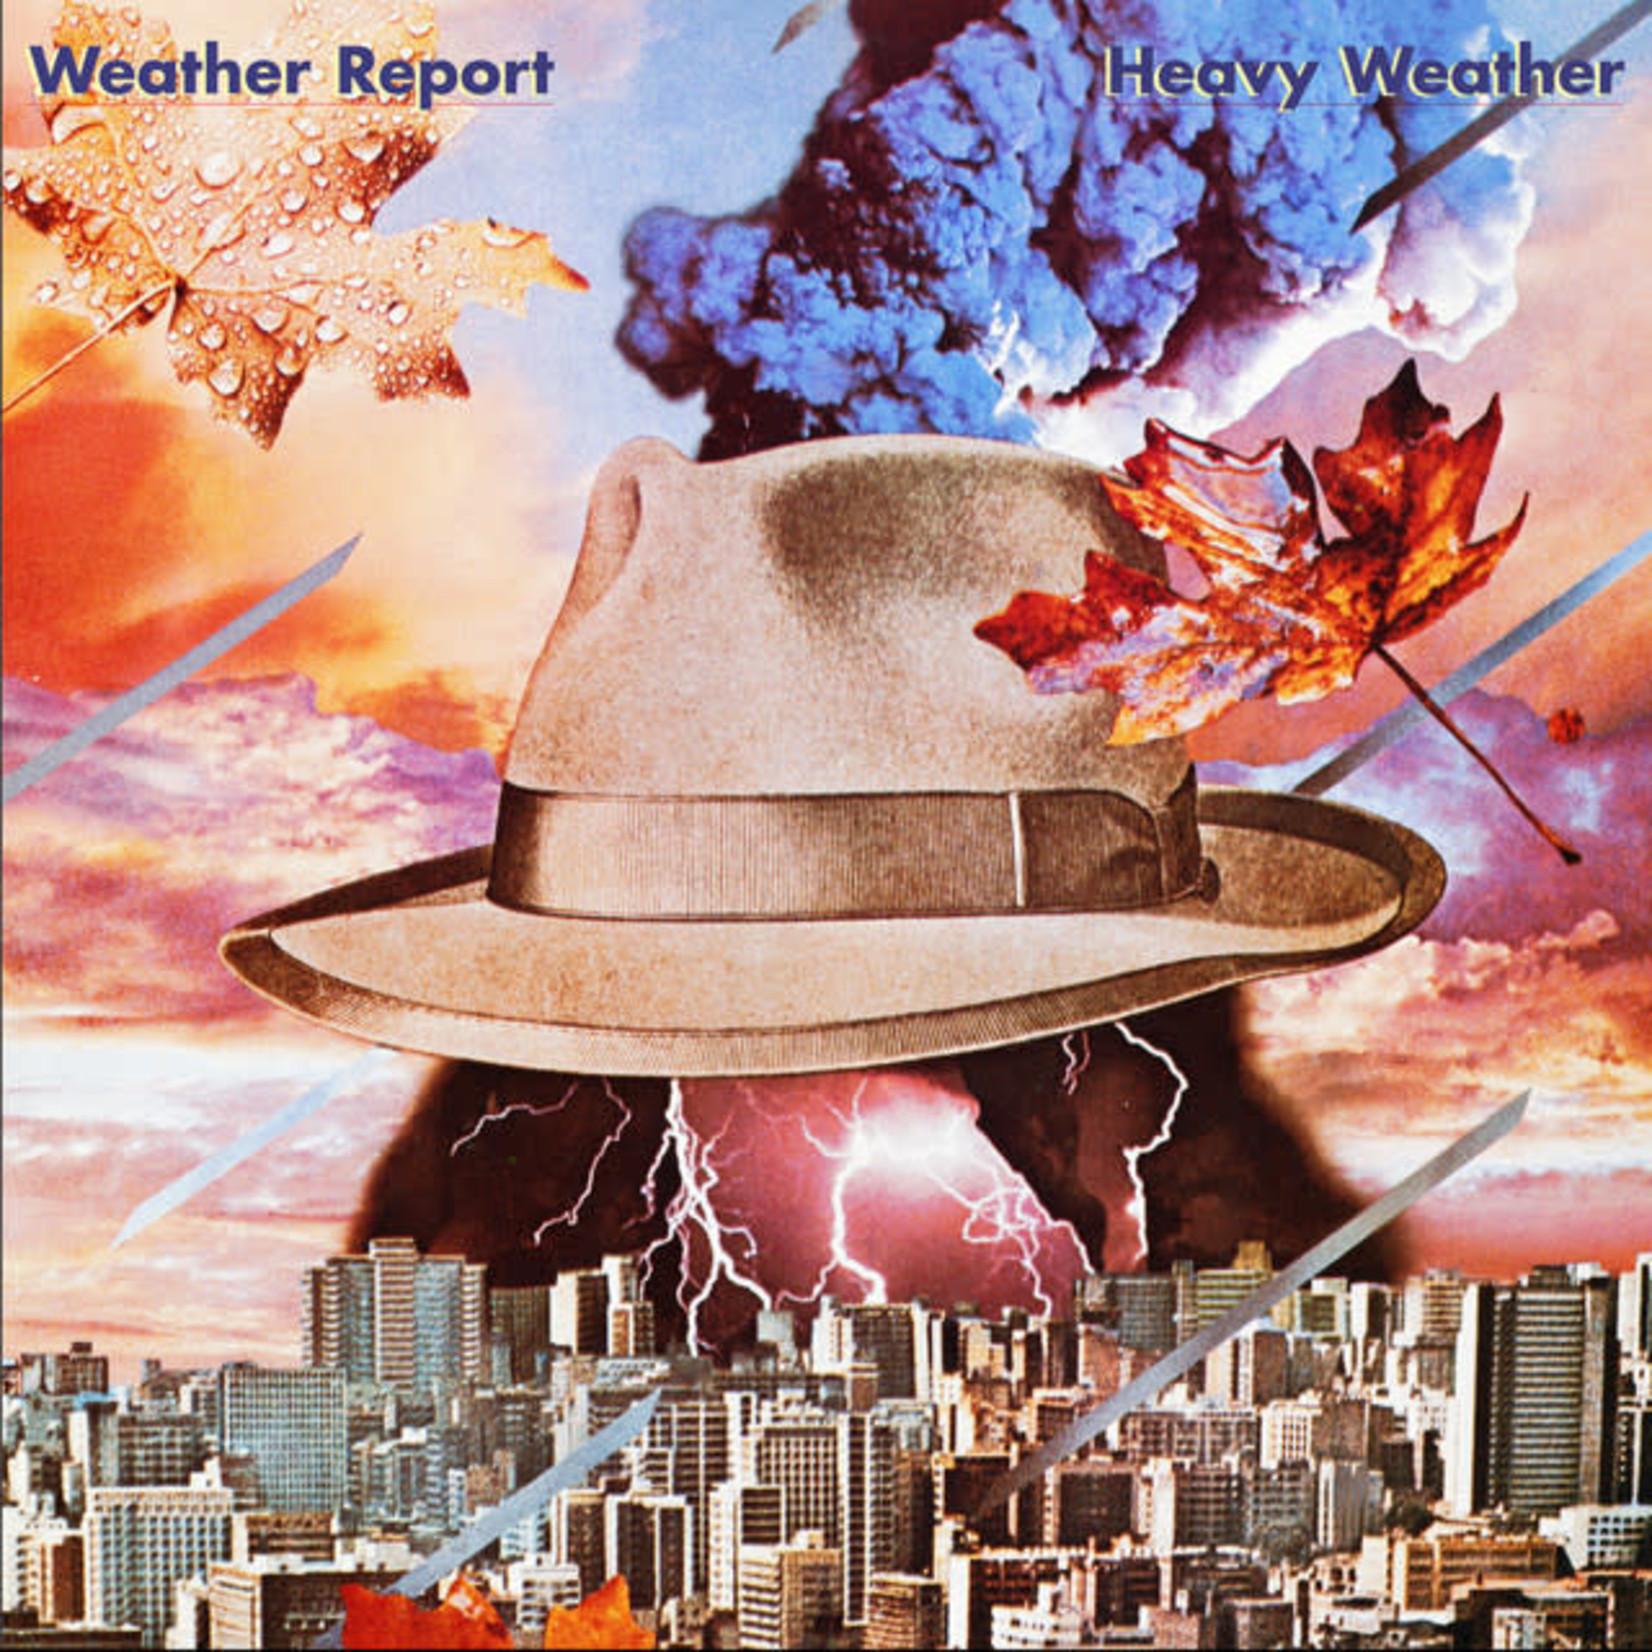 Vinyl Weather Report - Heavy Weather